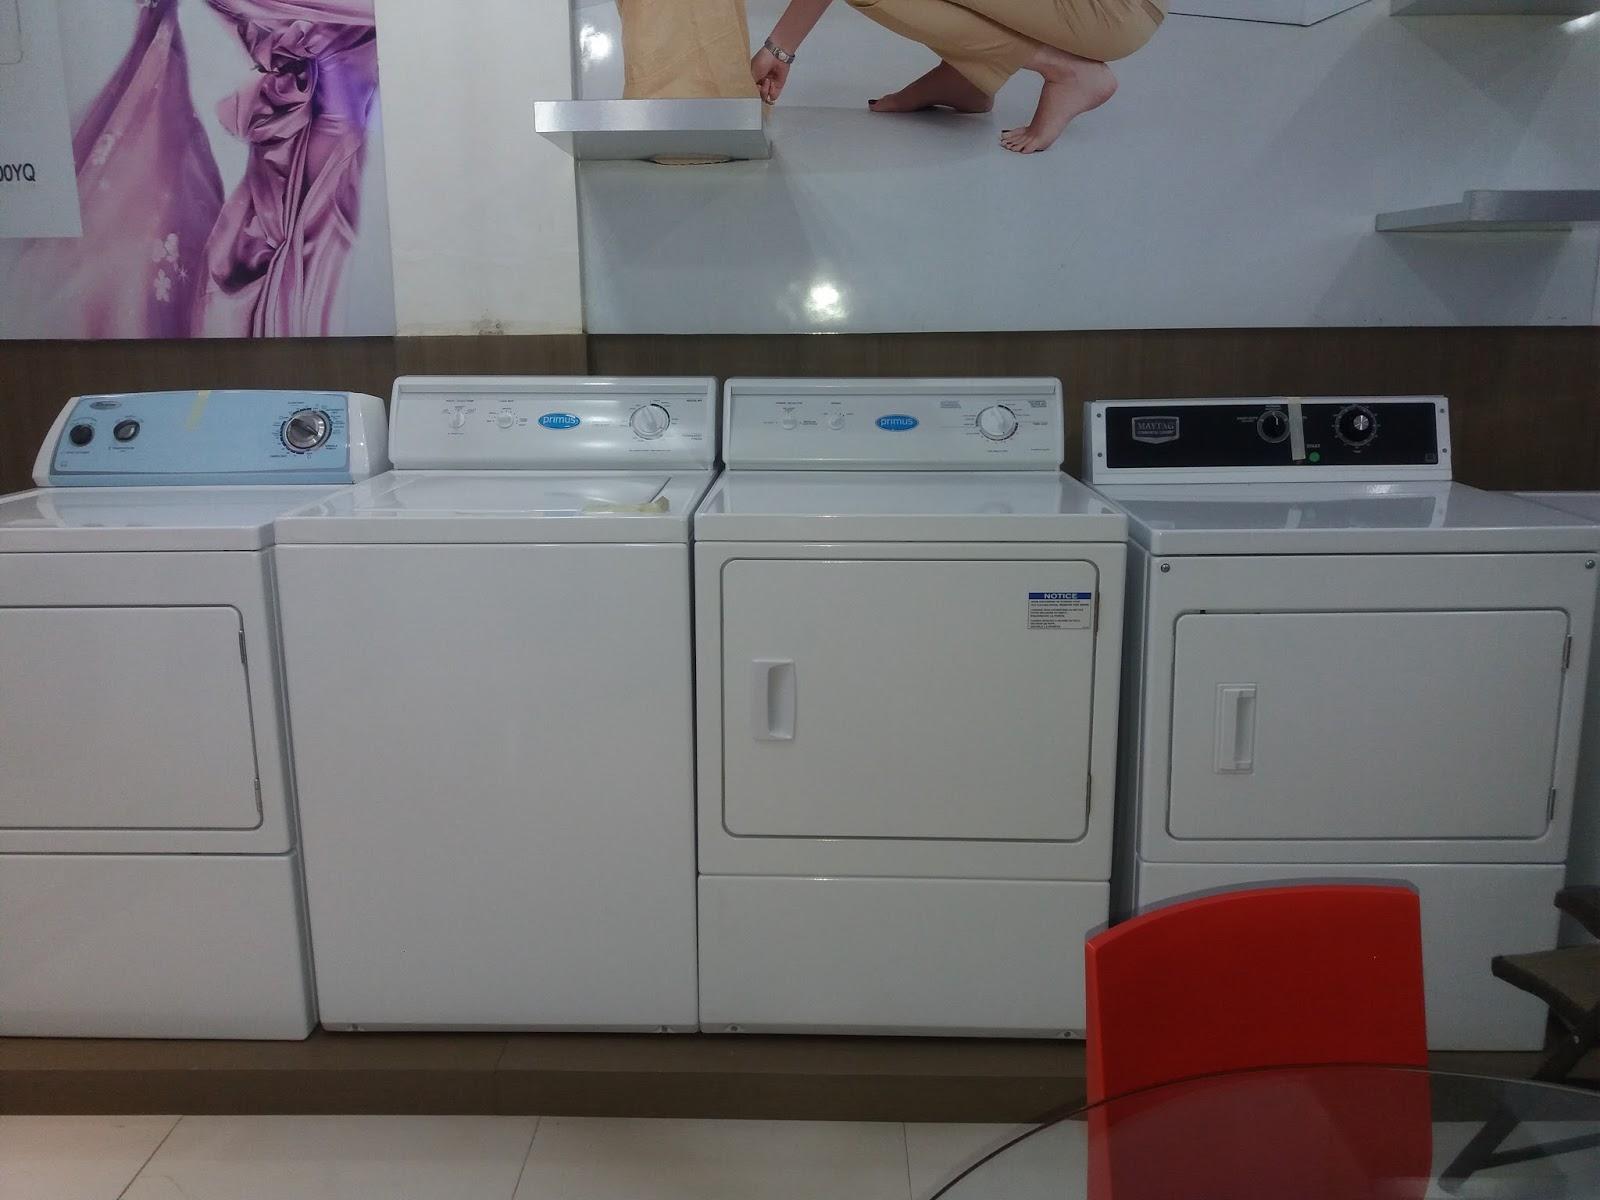 Harga Mesin Cuci Untuk Usaha Laundry